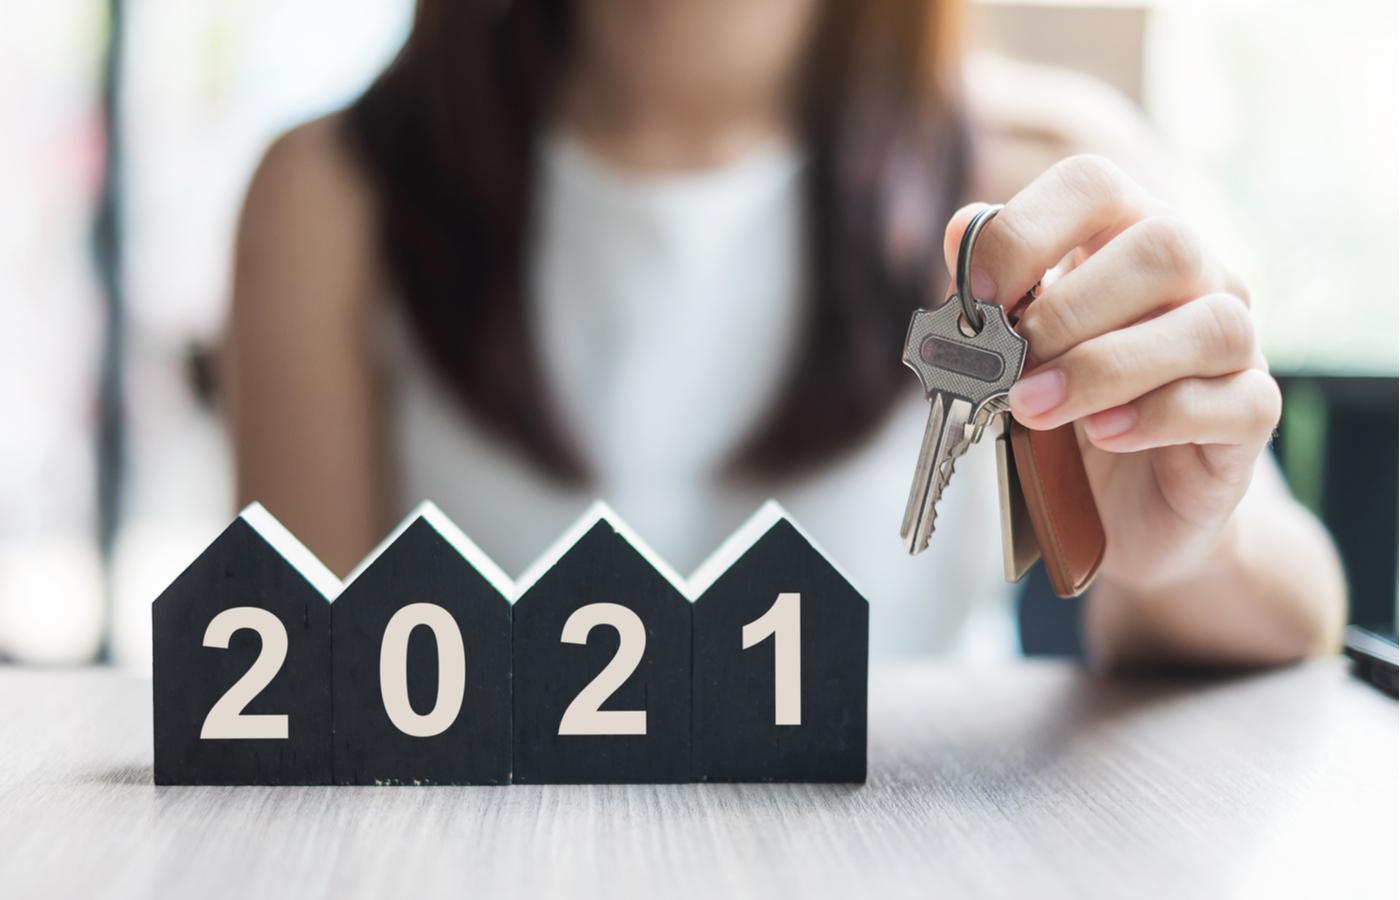 Razones para comprar casa en 2021: prepara tus propósitos de Año Nuevo